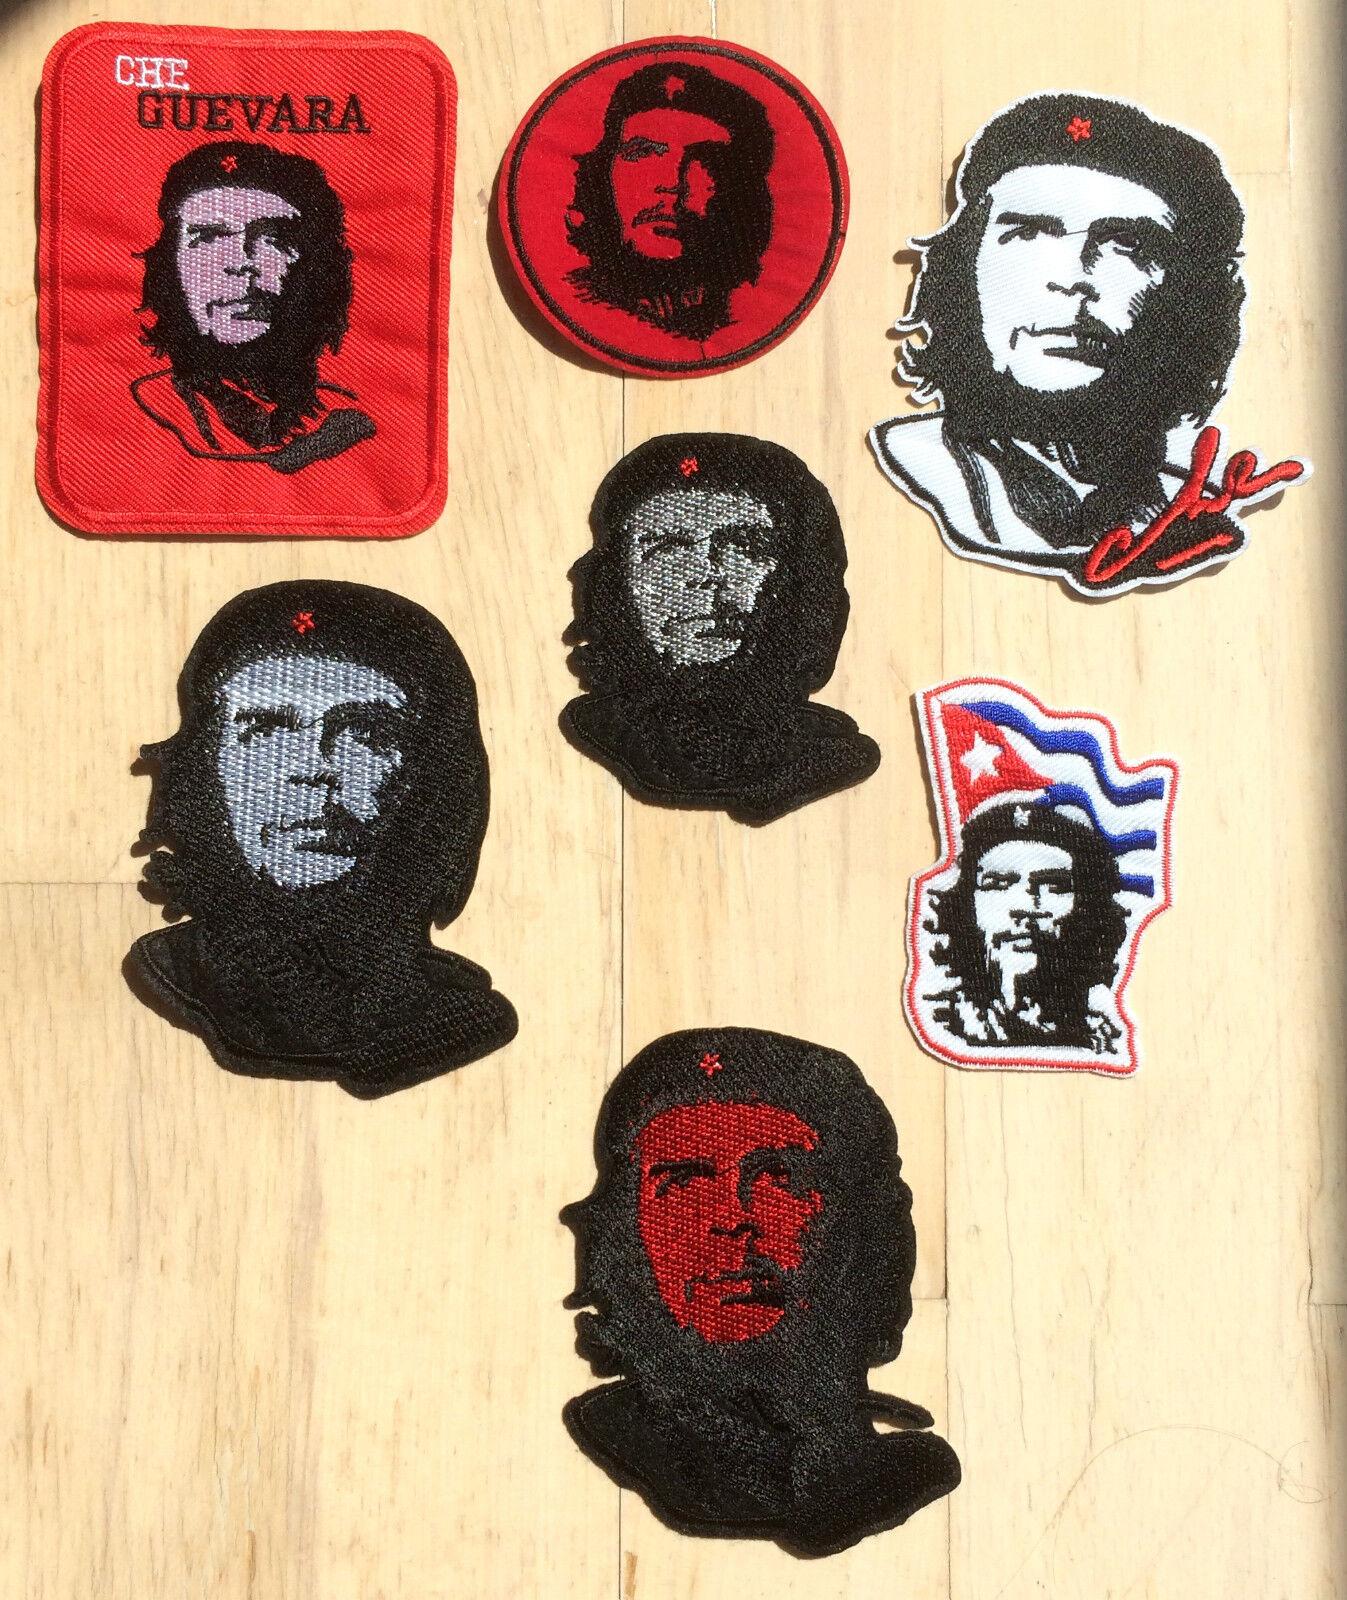 patch Punk Antifa Oi Hasta La Victoria Siempre Revolution Che Guevara Aufnäher